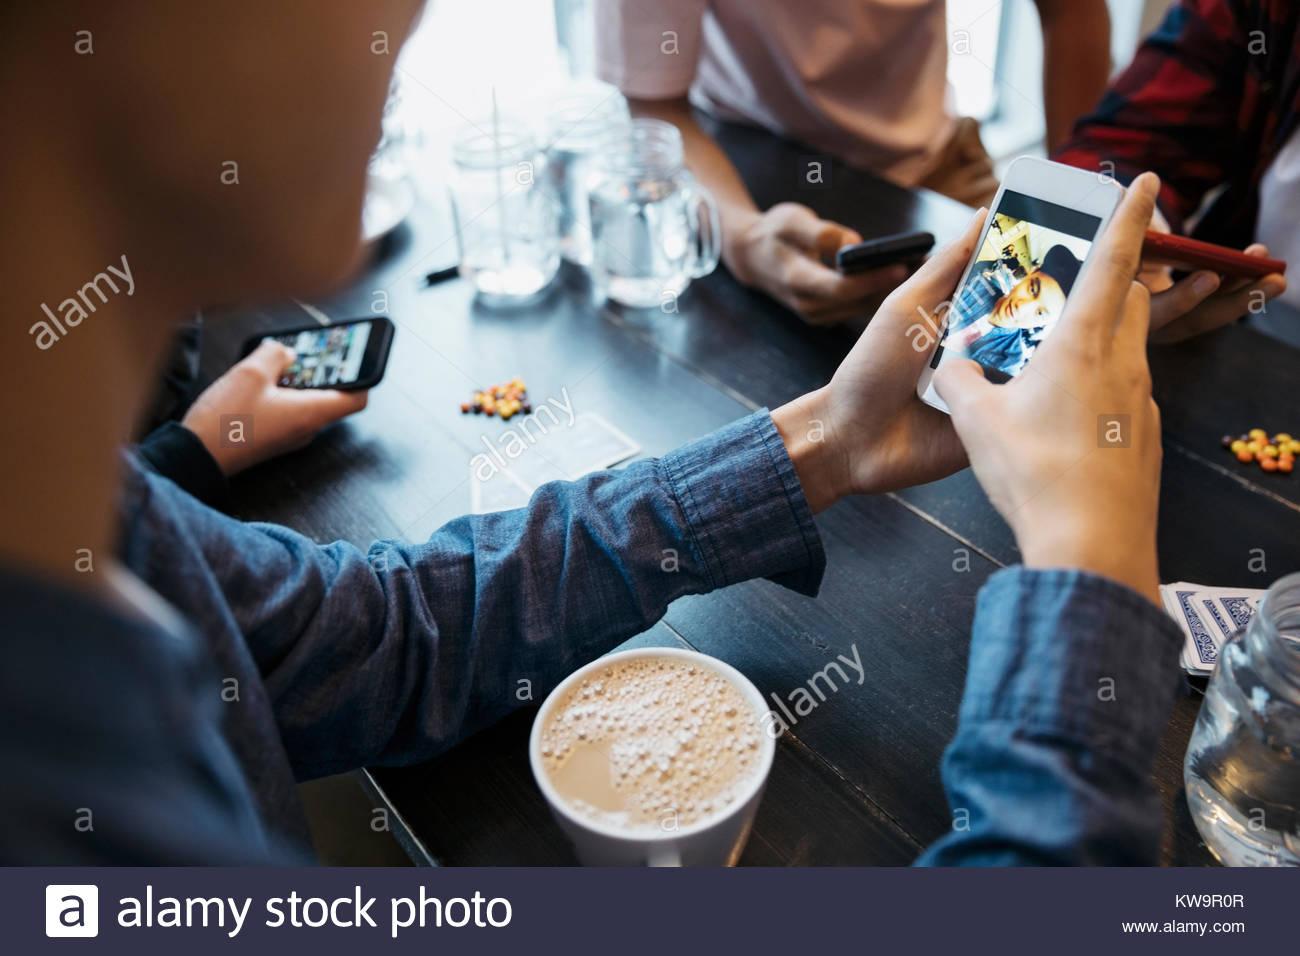 Tween boy mediante teléfono con cámara y beber café en la tabla Imagen De Stock